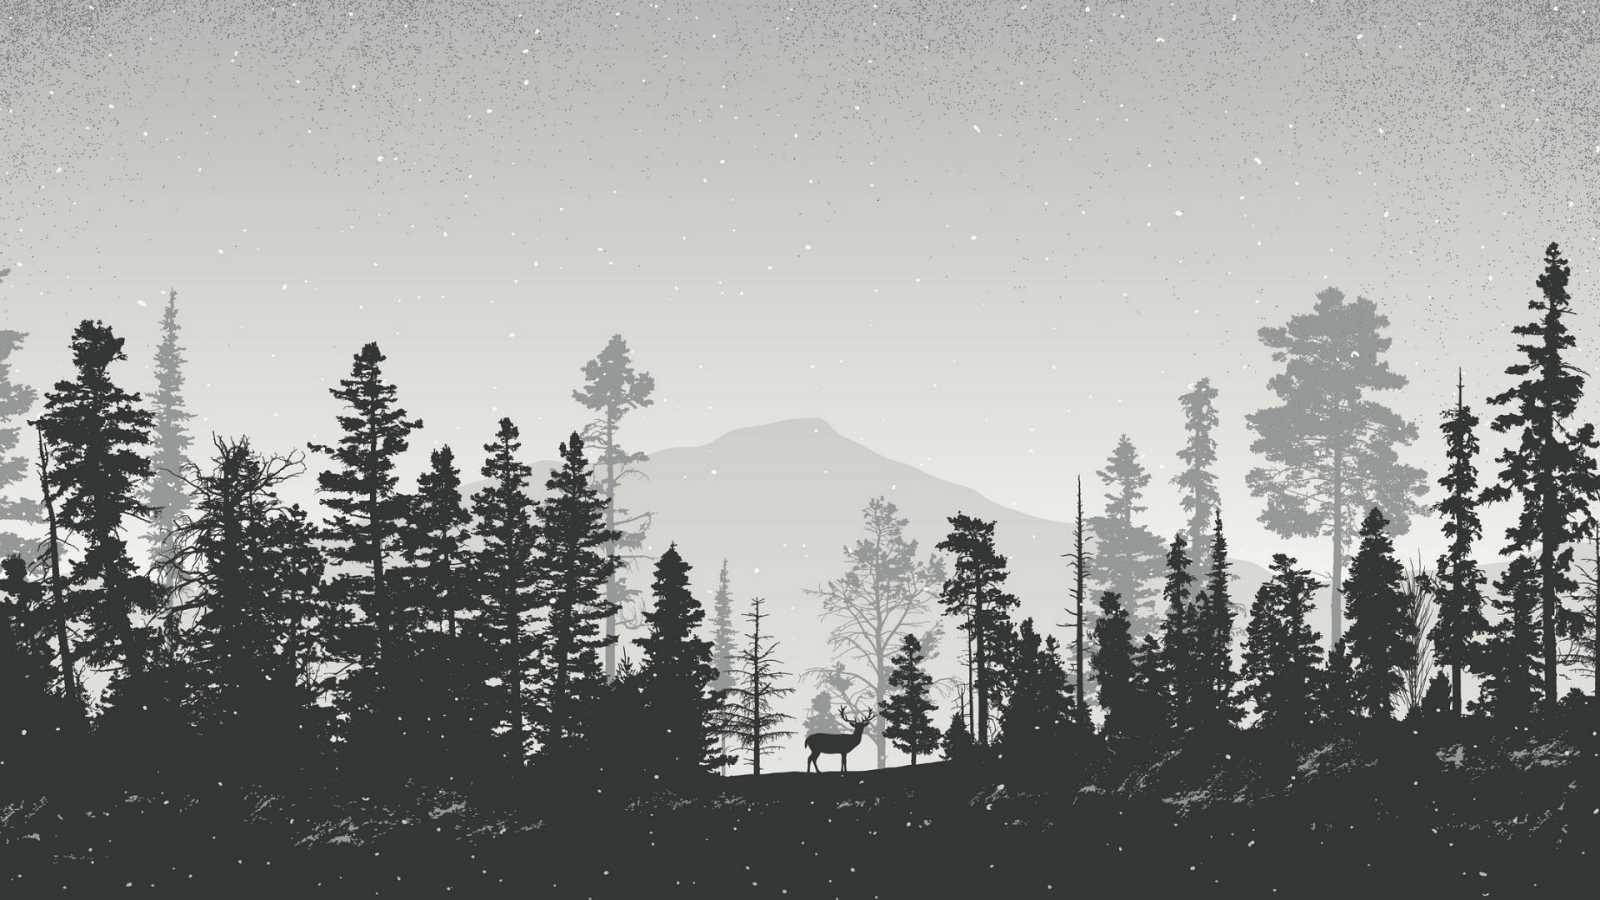 Reserva natural - 'No es un mundo cualquiera', el universo en blanco y negro de Eduardo Crespo - 10/09/20 - Escuchar ahora